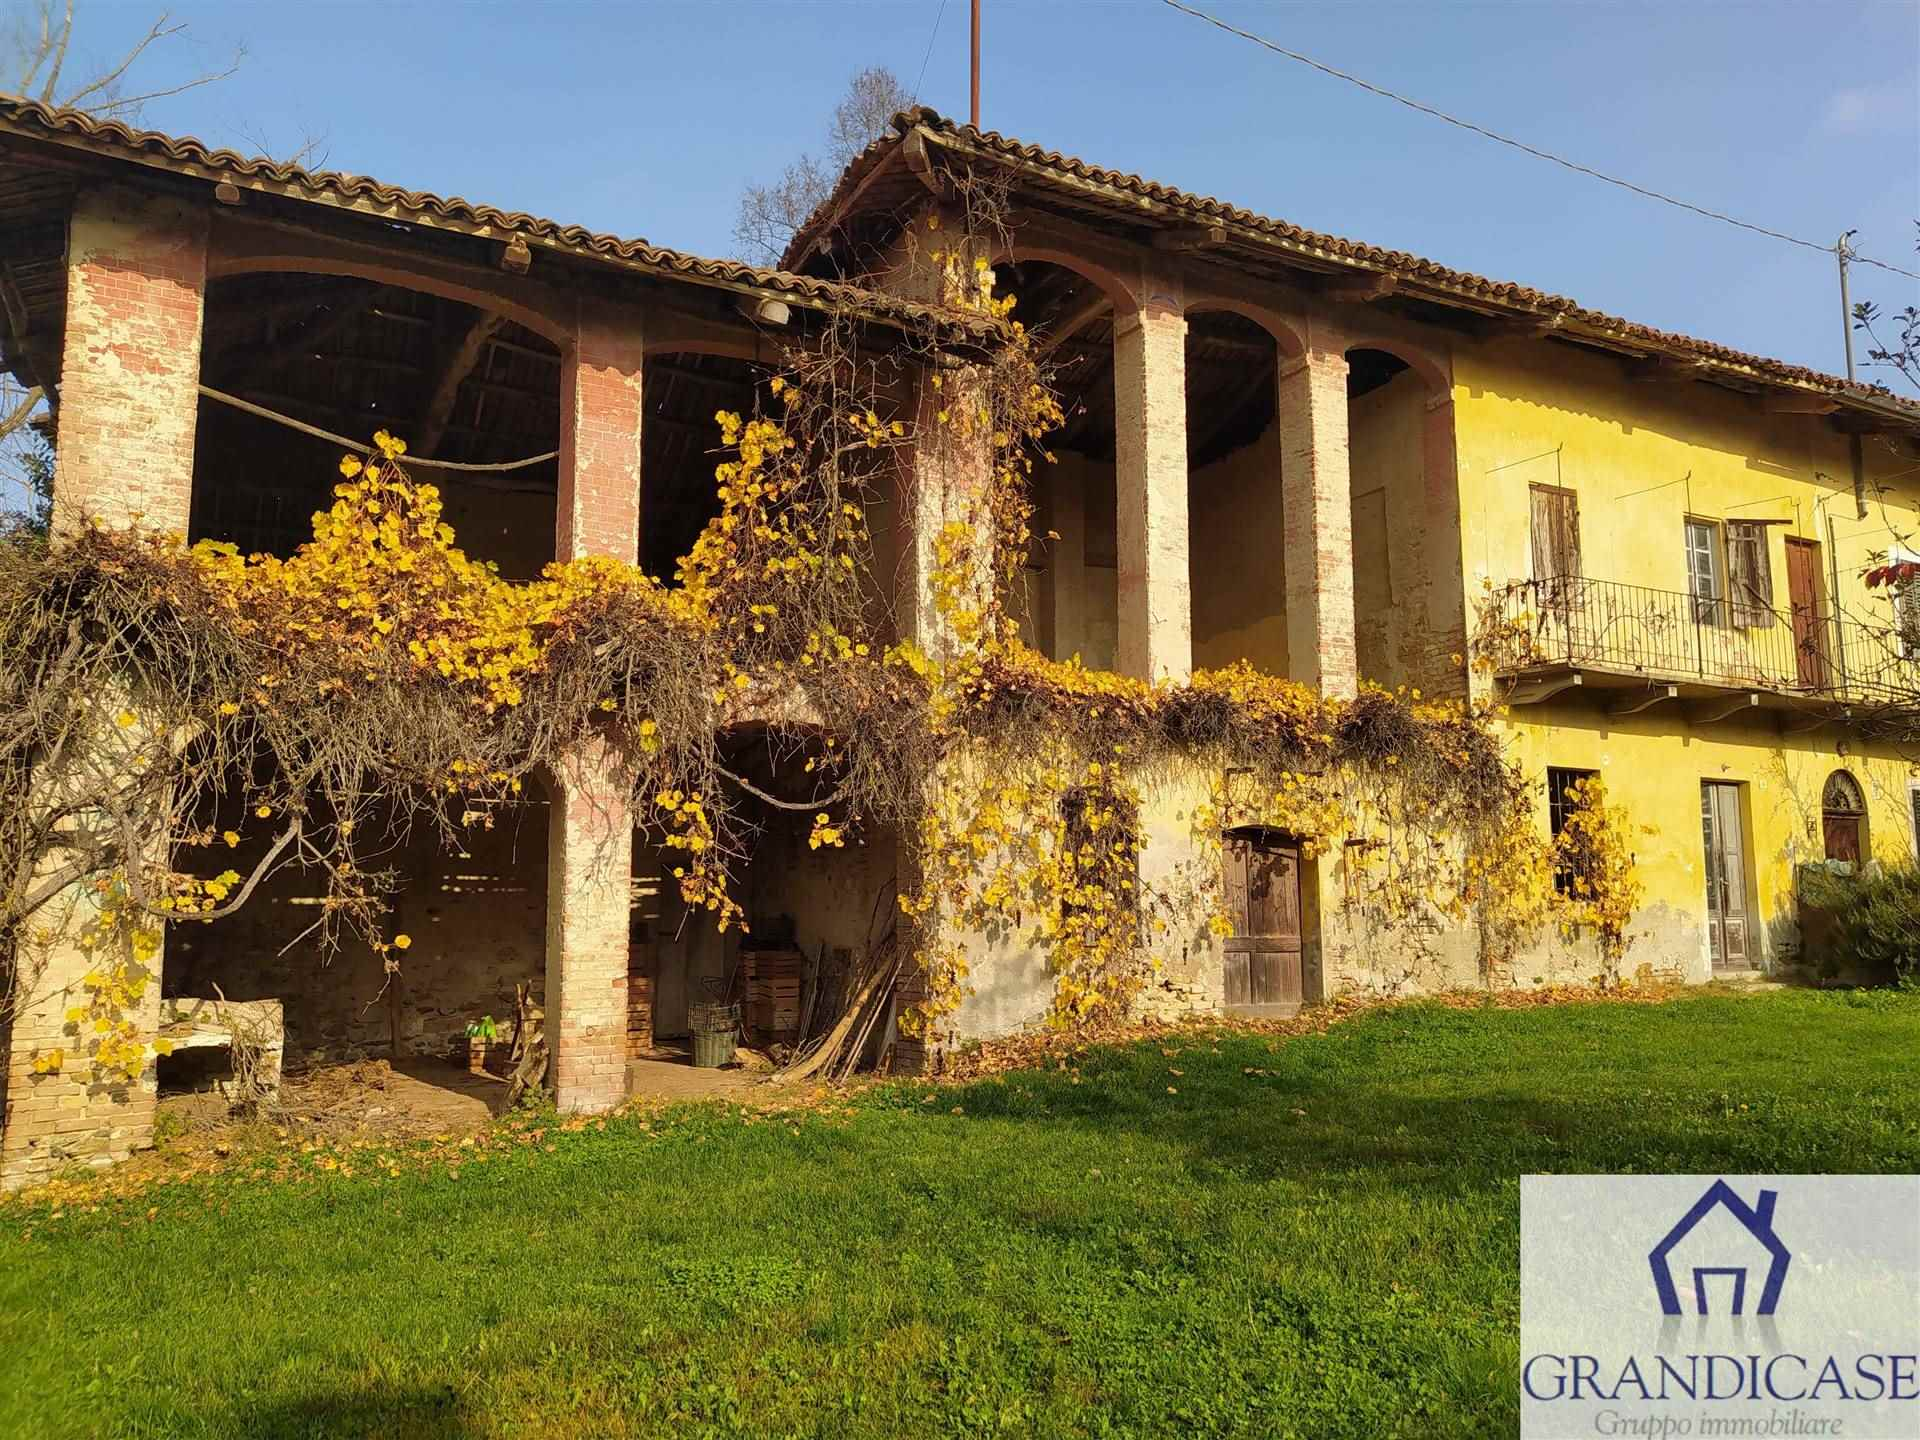 Rustico / Casale in vendita a Casalborgone, 7 locali, prezzo € 69.000 | PortaleAgenzieImmobiliari.it